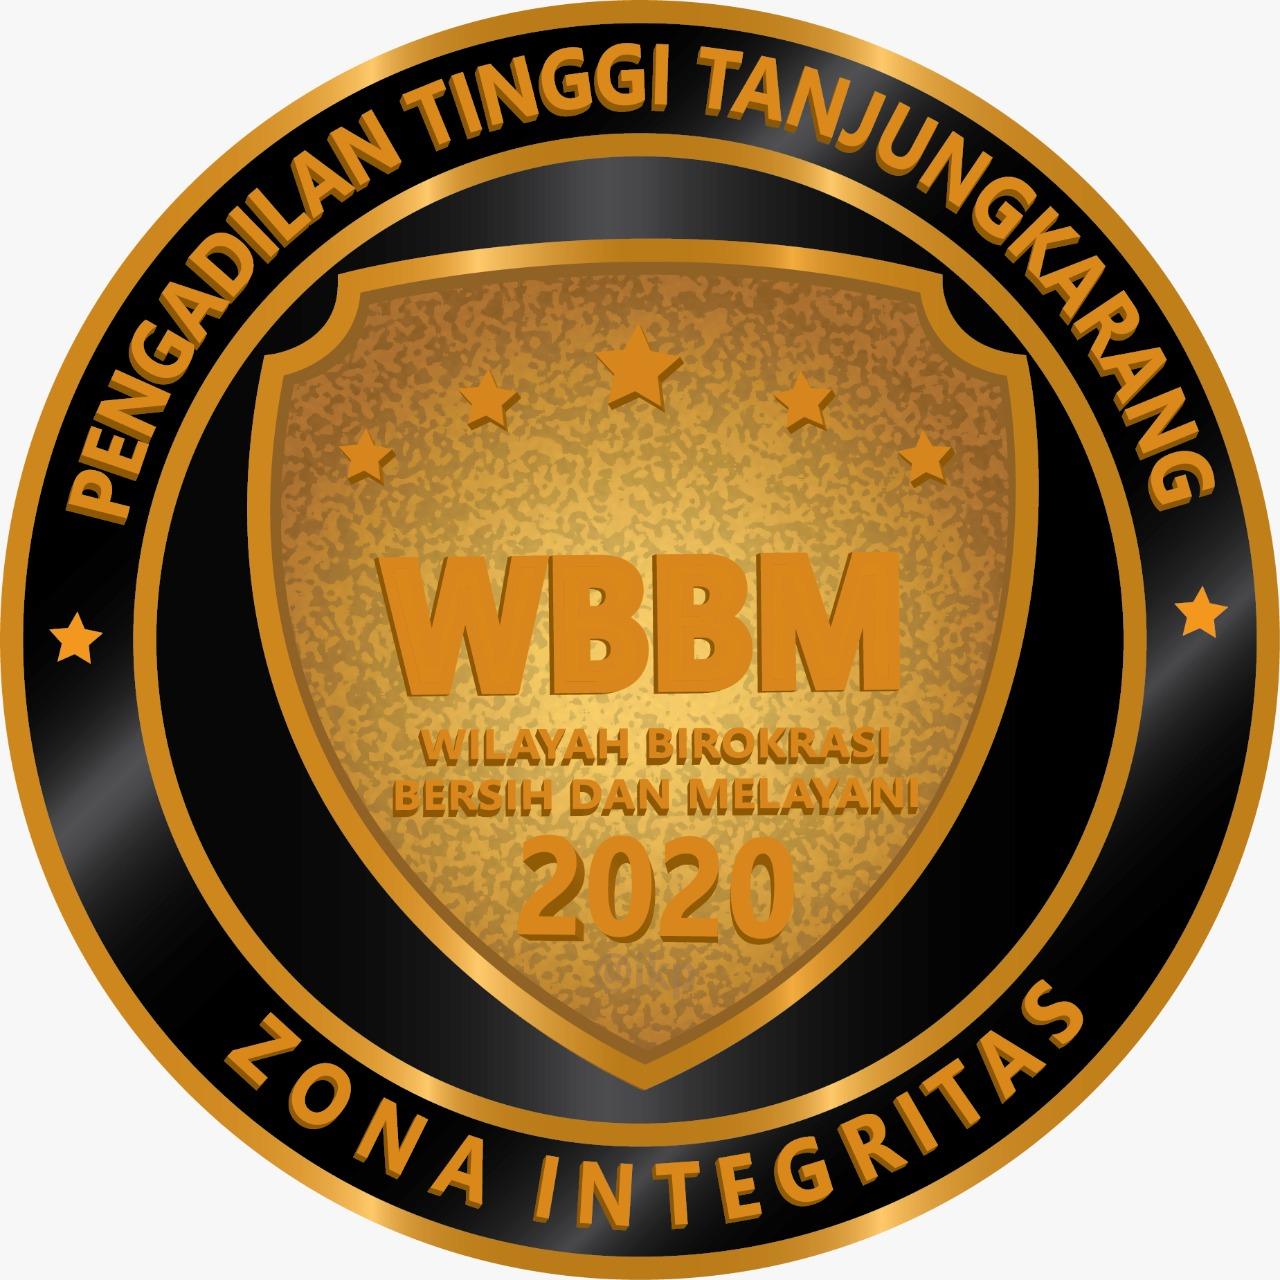 WILAYAH BEBAS KORUPSI (WBK) TAHUN 2019 DAN WILAYAH BIROKRASI BERSIH DAN MELAYANI (WBBM) TAHUN 2020